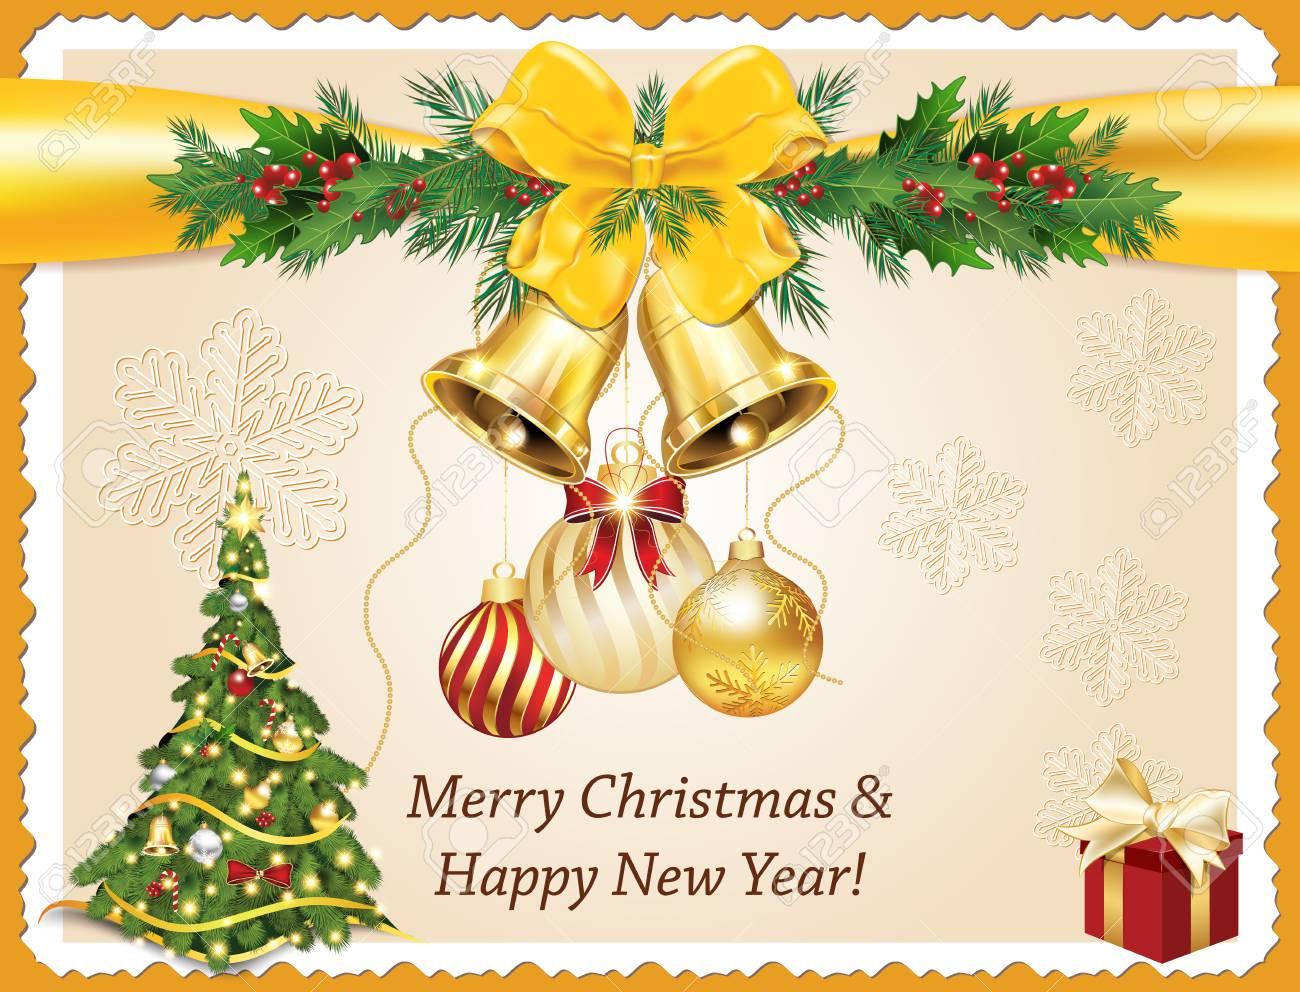 Joyeux Noel Et Bonne Année! Élégante Carte De Voeux Imprimable Avec Arbre  De Noël, Boules De Noël, Clochettes, Décorations De Noël. Imprimer Les dedans Carte Joyeux Noel À Imprimer